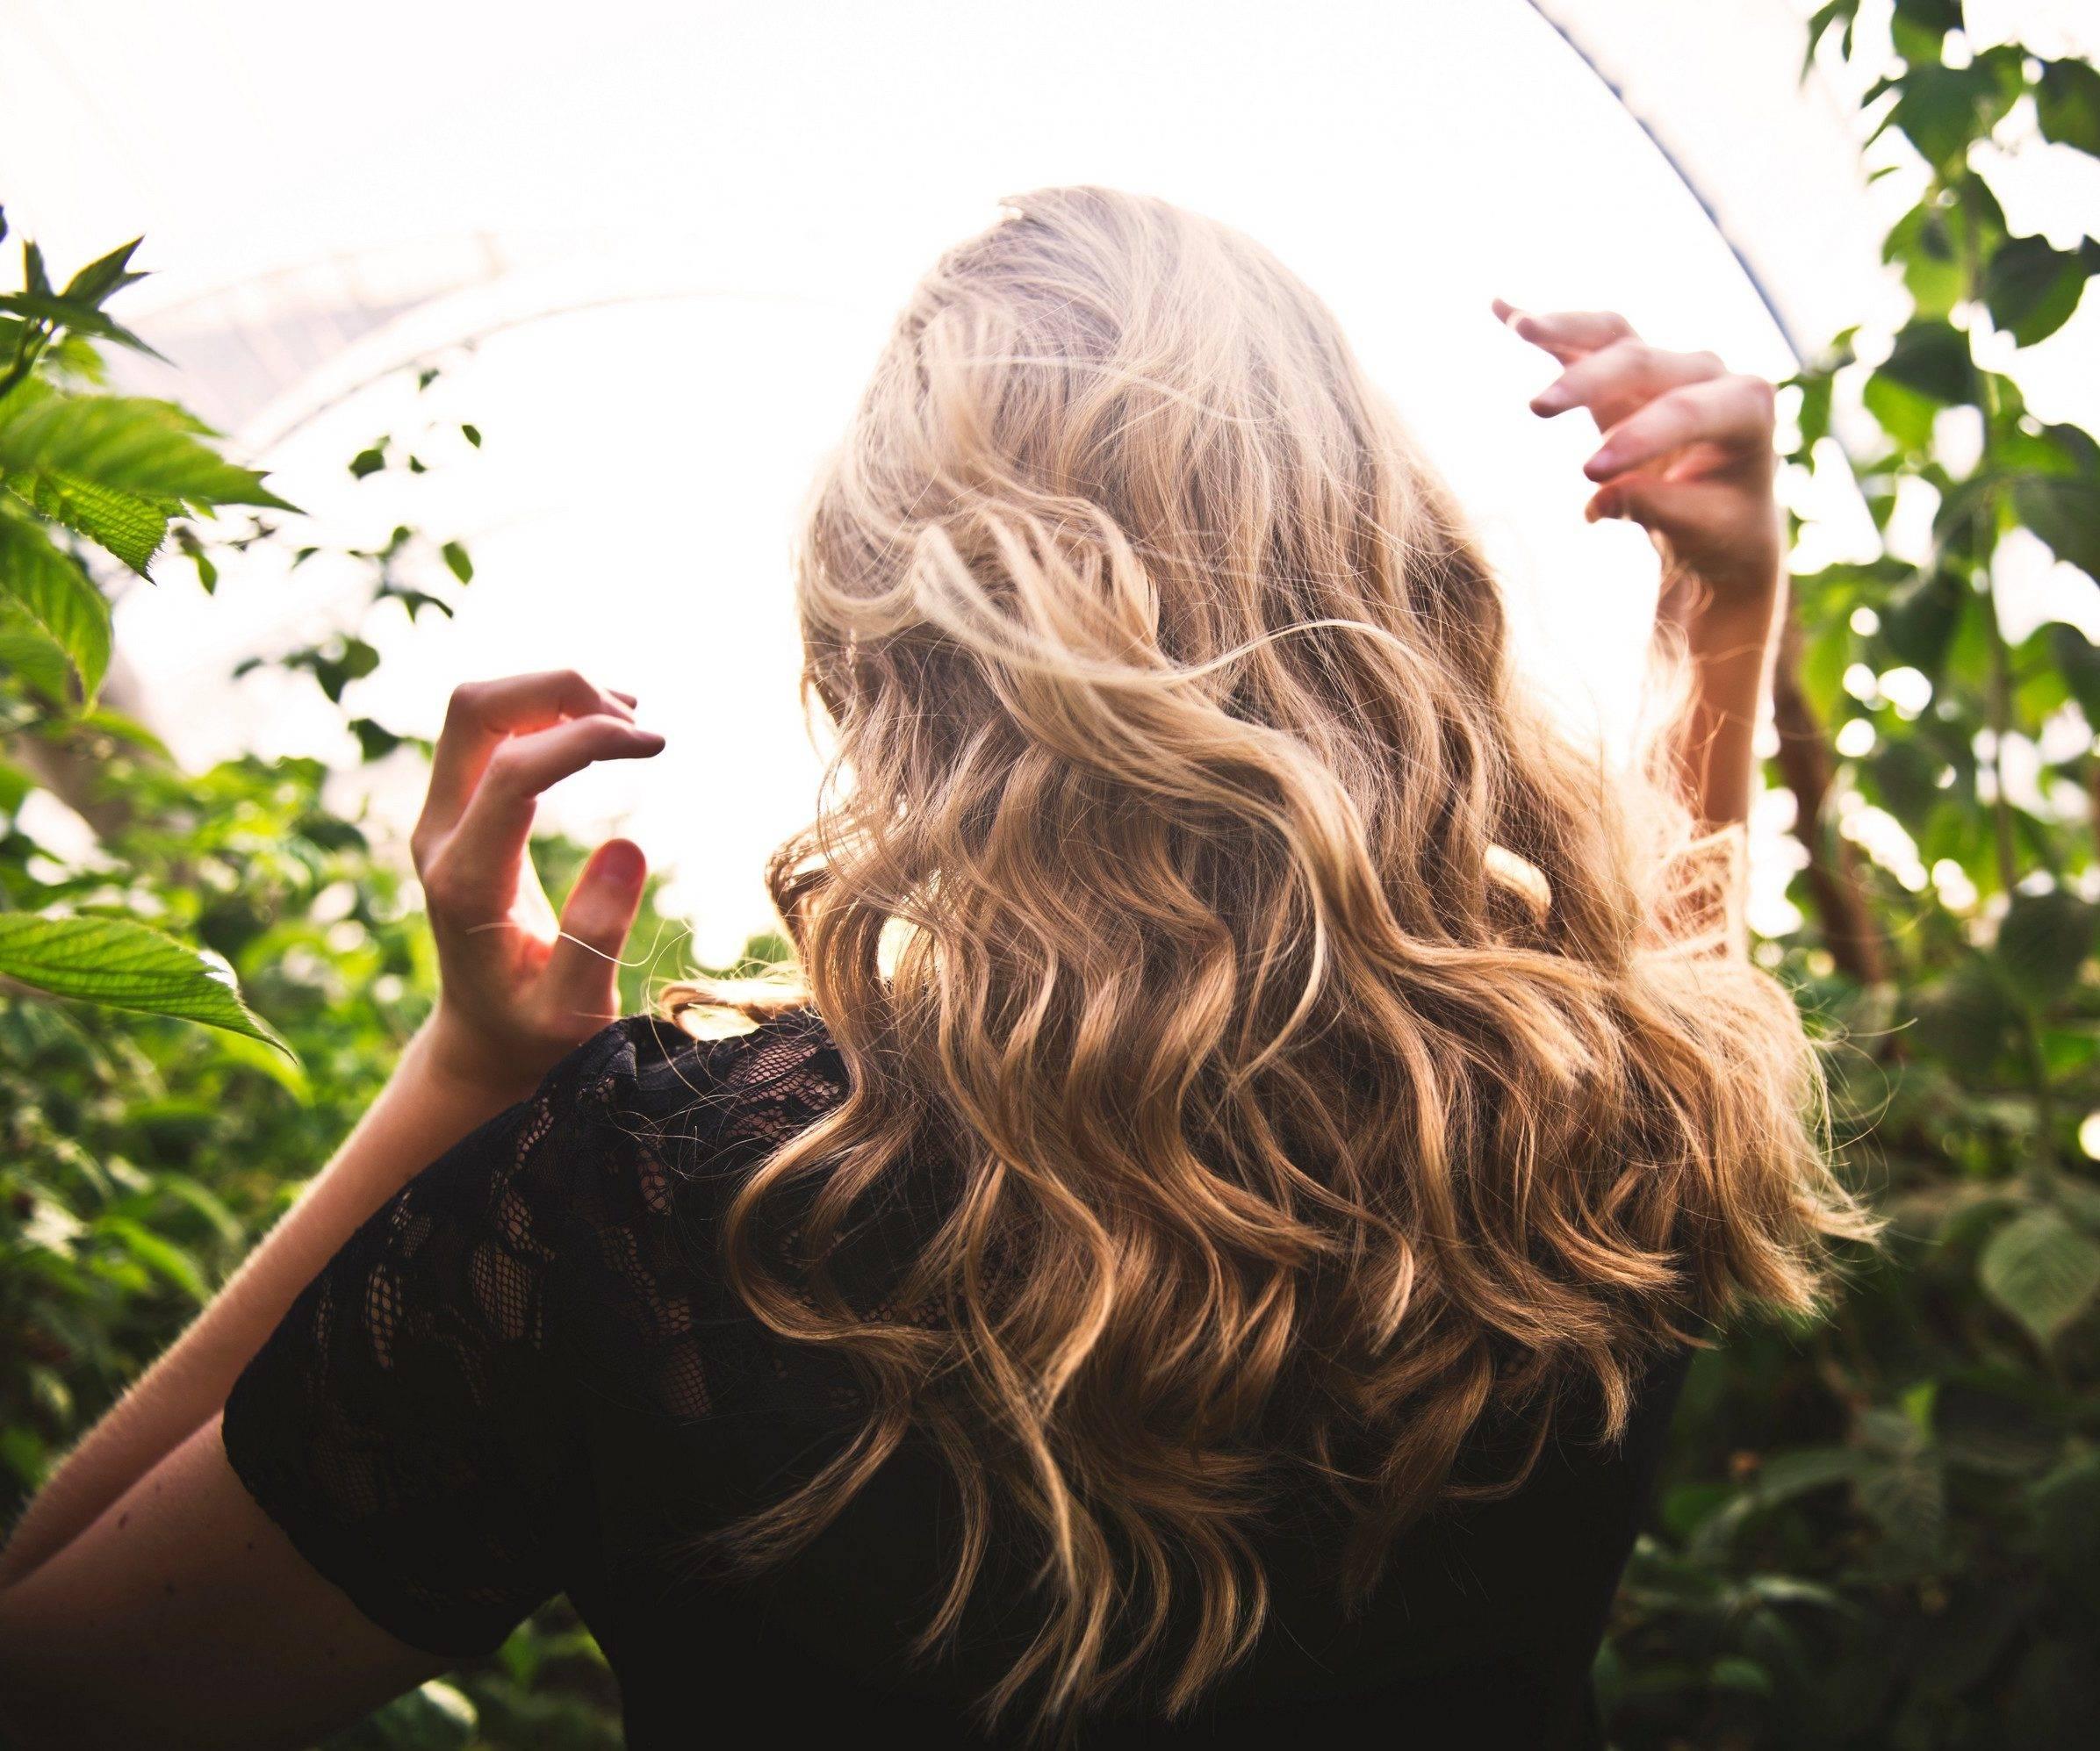 Loura cabelo ondulado mechado